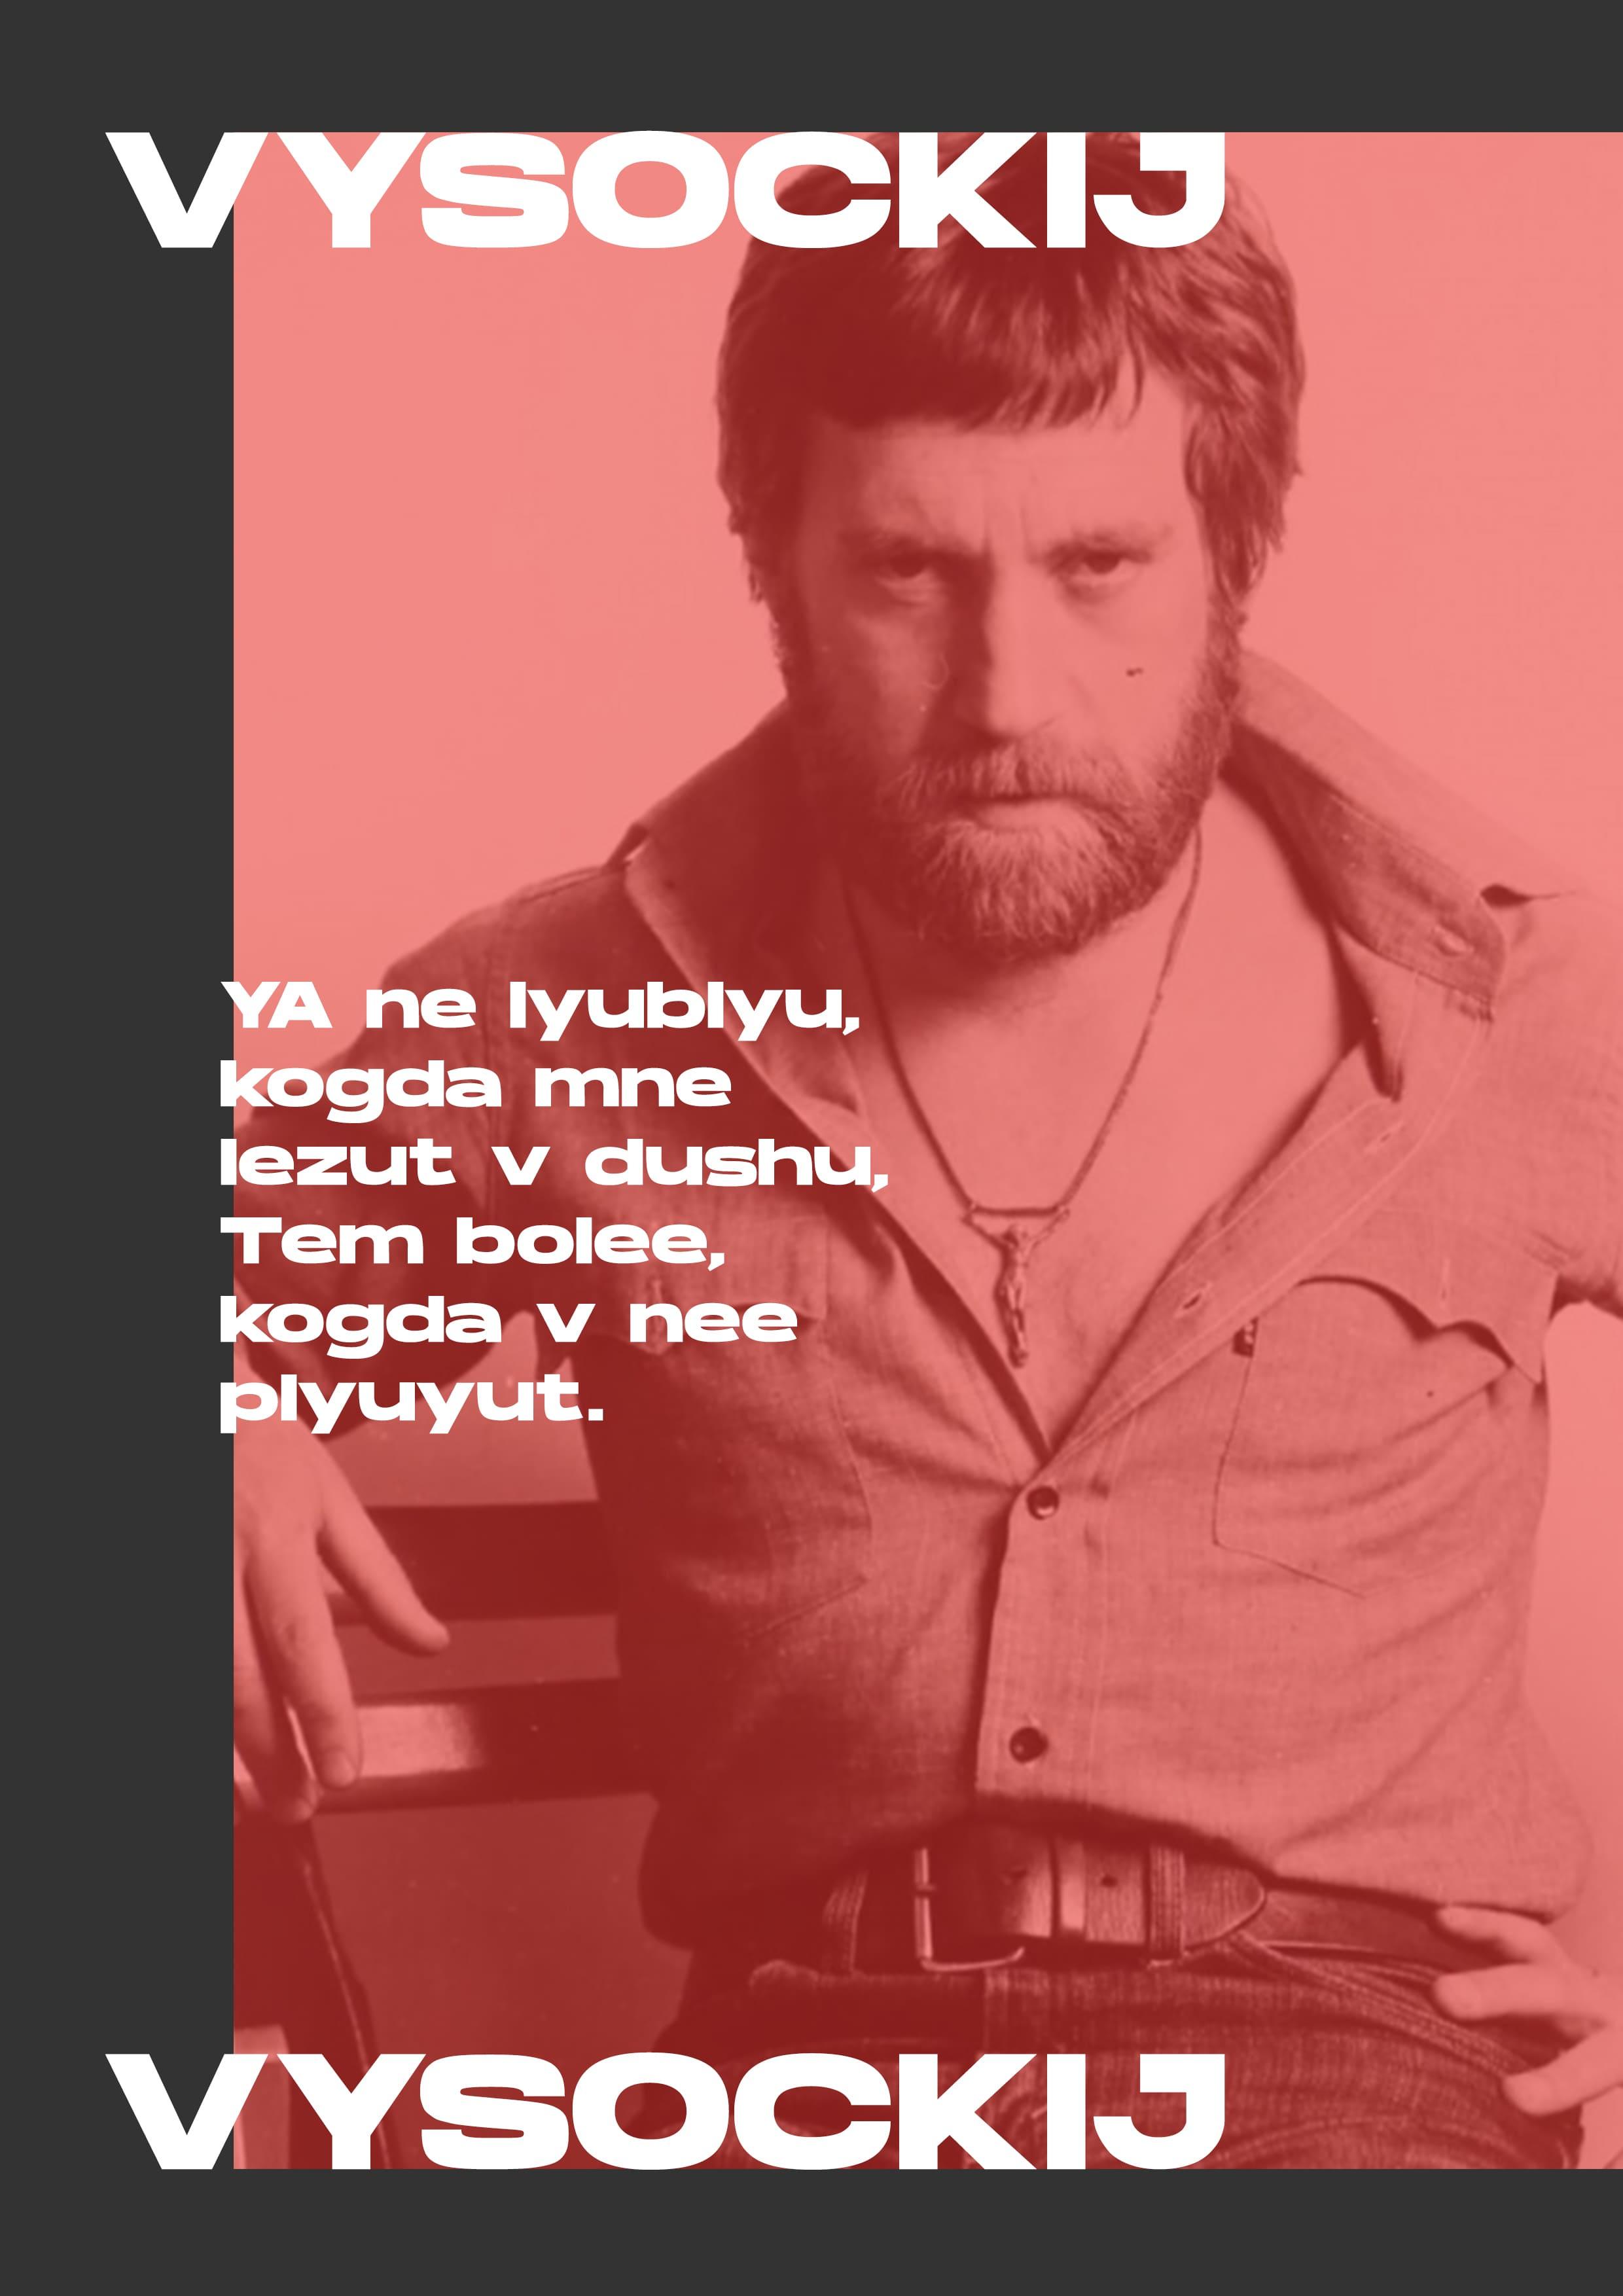 visockij_print